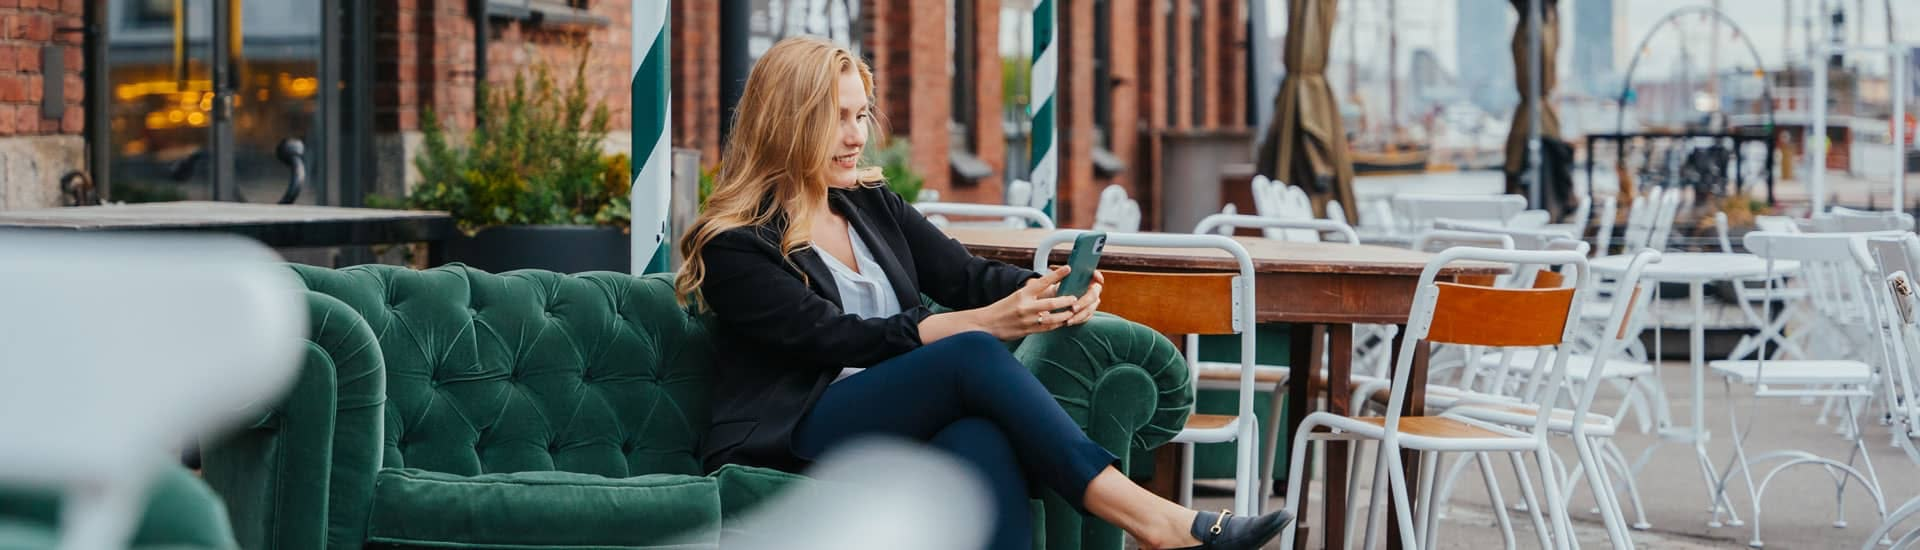 Nainen selaa puhelimella joukkorahoituspalveluita